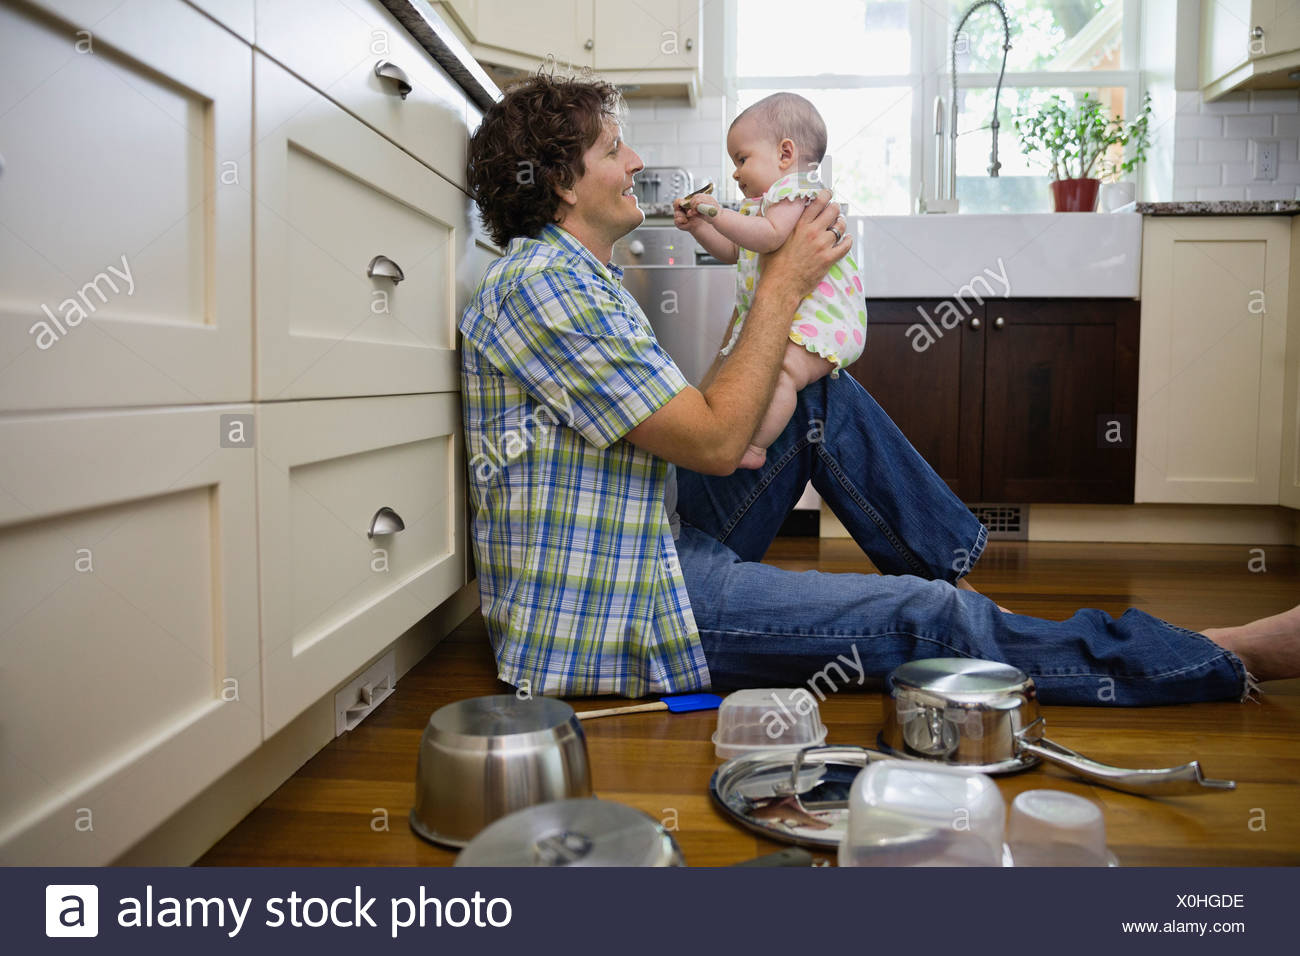 Profil-Bild von Vater und Baby Mädchen in der Küche Stockbild